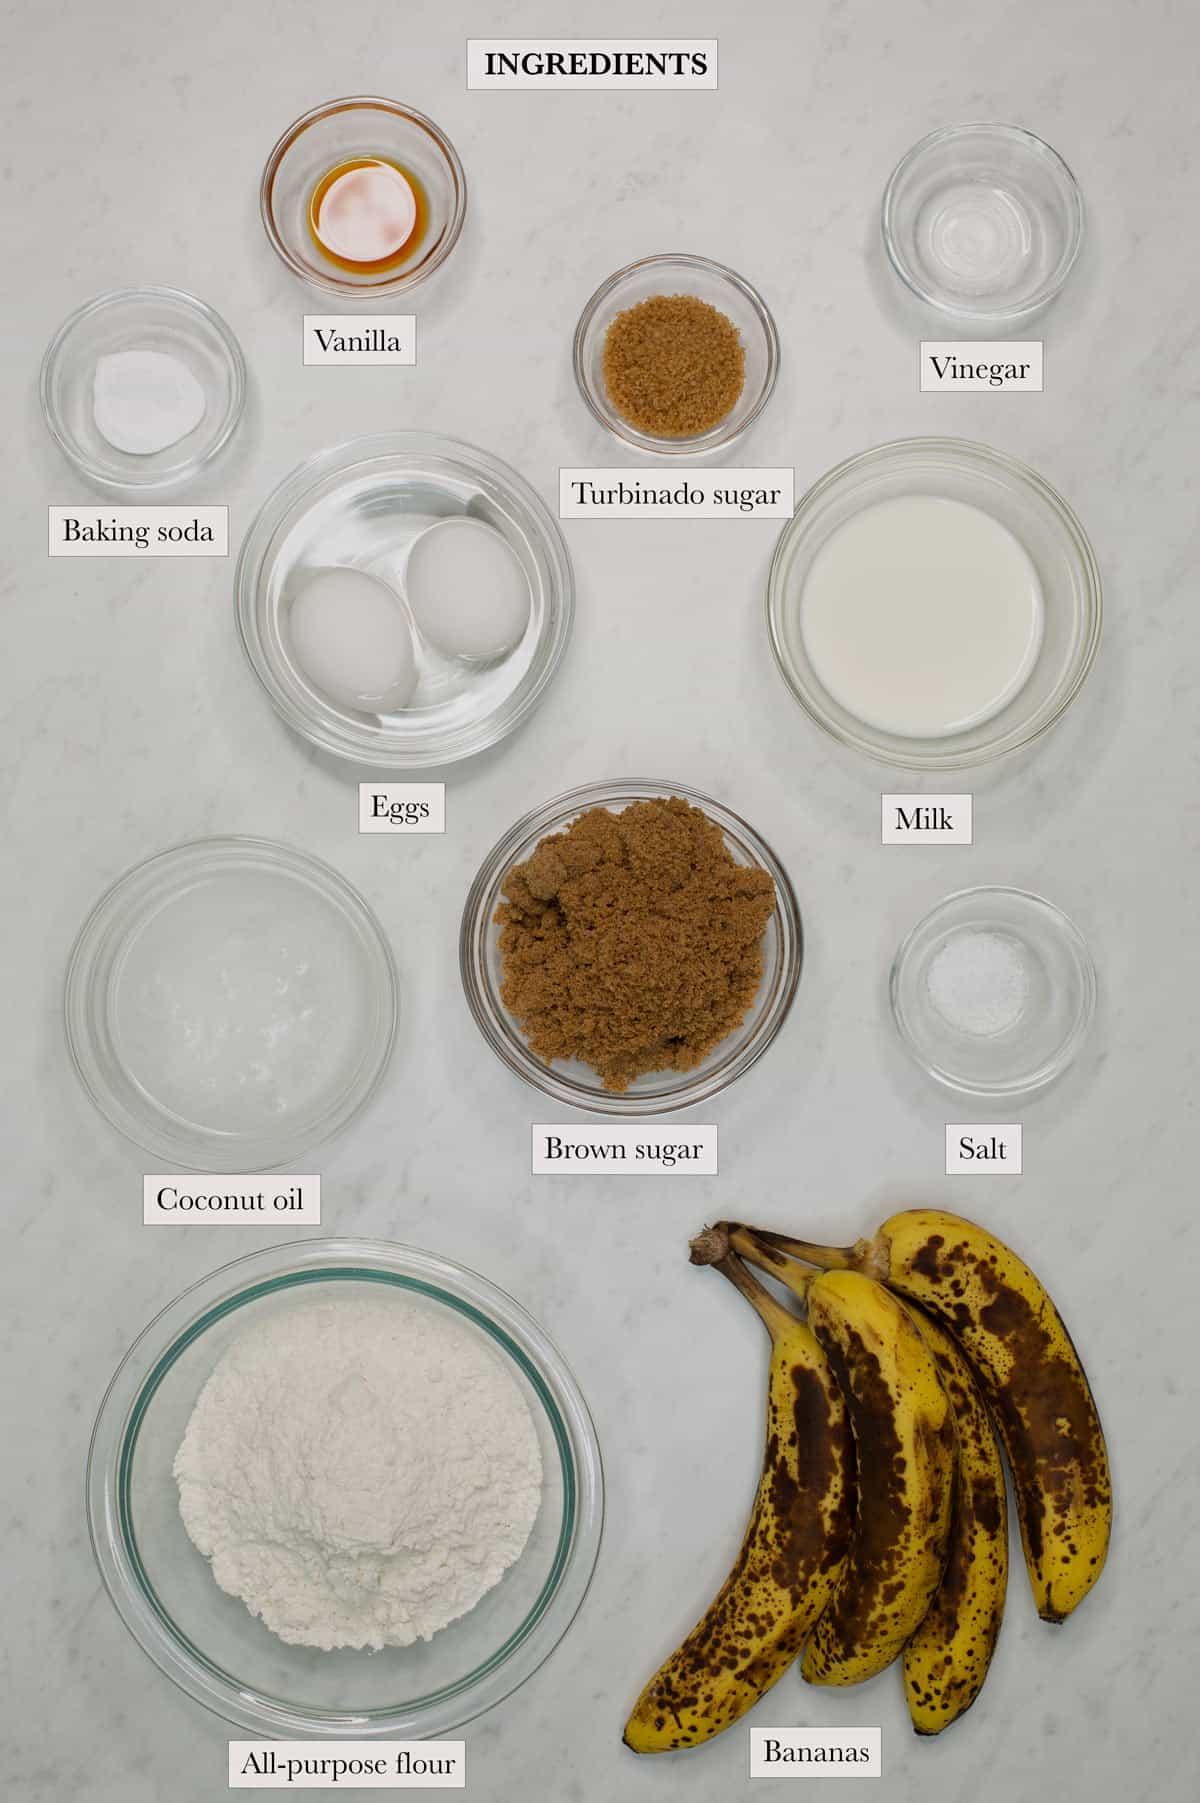 Ingredients include bananas, all-purpose flour, coconut oil, brown sugar, salt, milk, vinegar, eggs, baking soda, vanilla, and turbinado sugar.